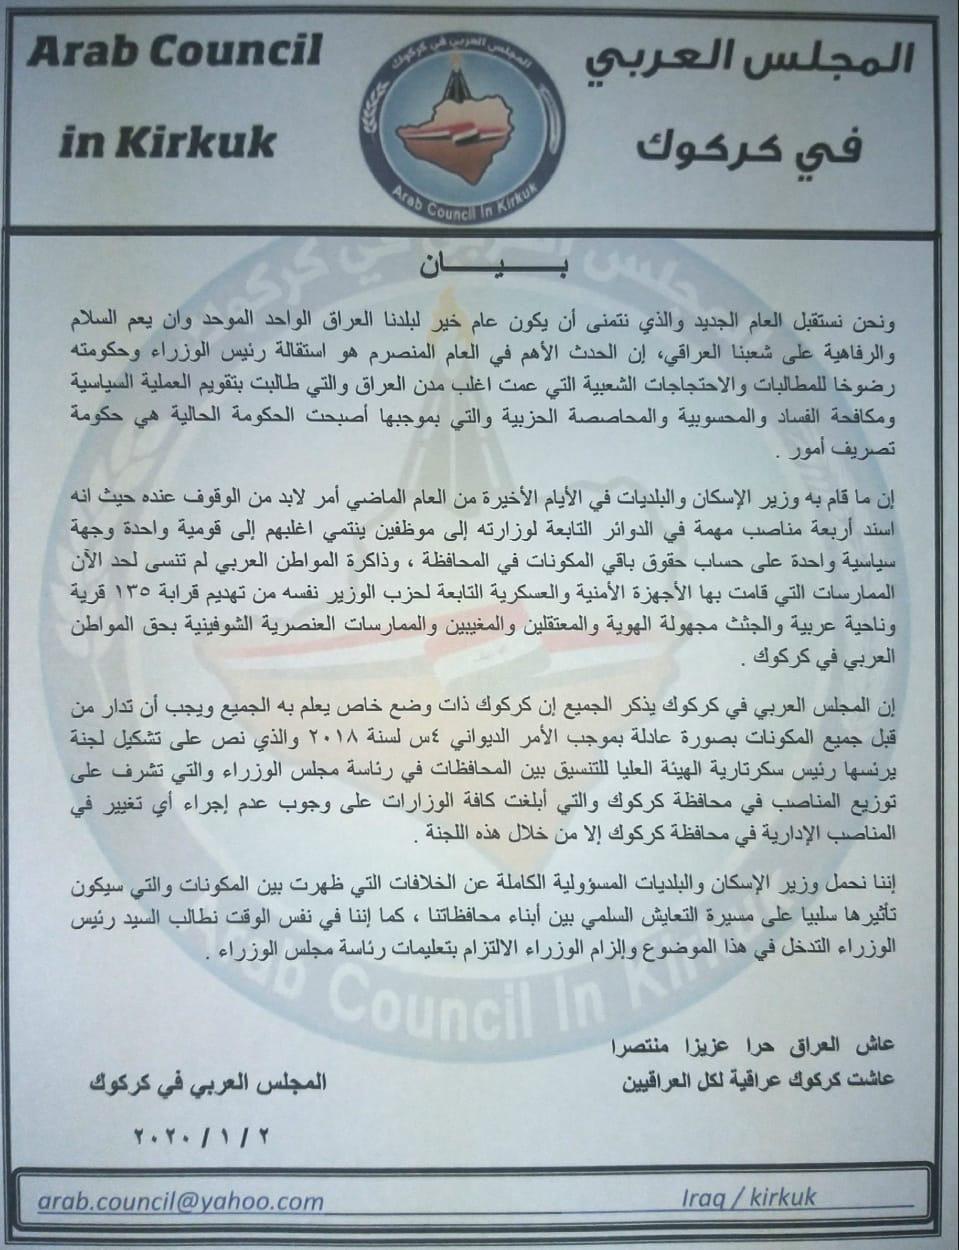 كركوك: المجلس العربي يهاجم وزير الاعمار والاسكان بسبب 4 تعيينات